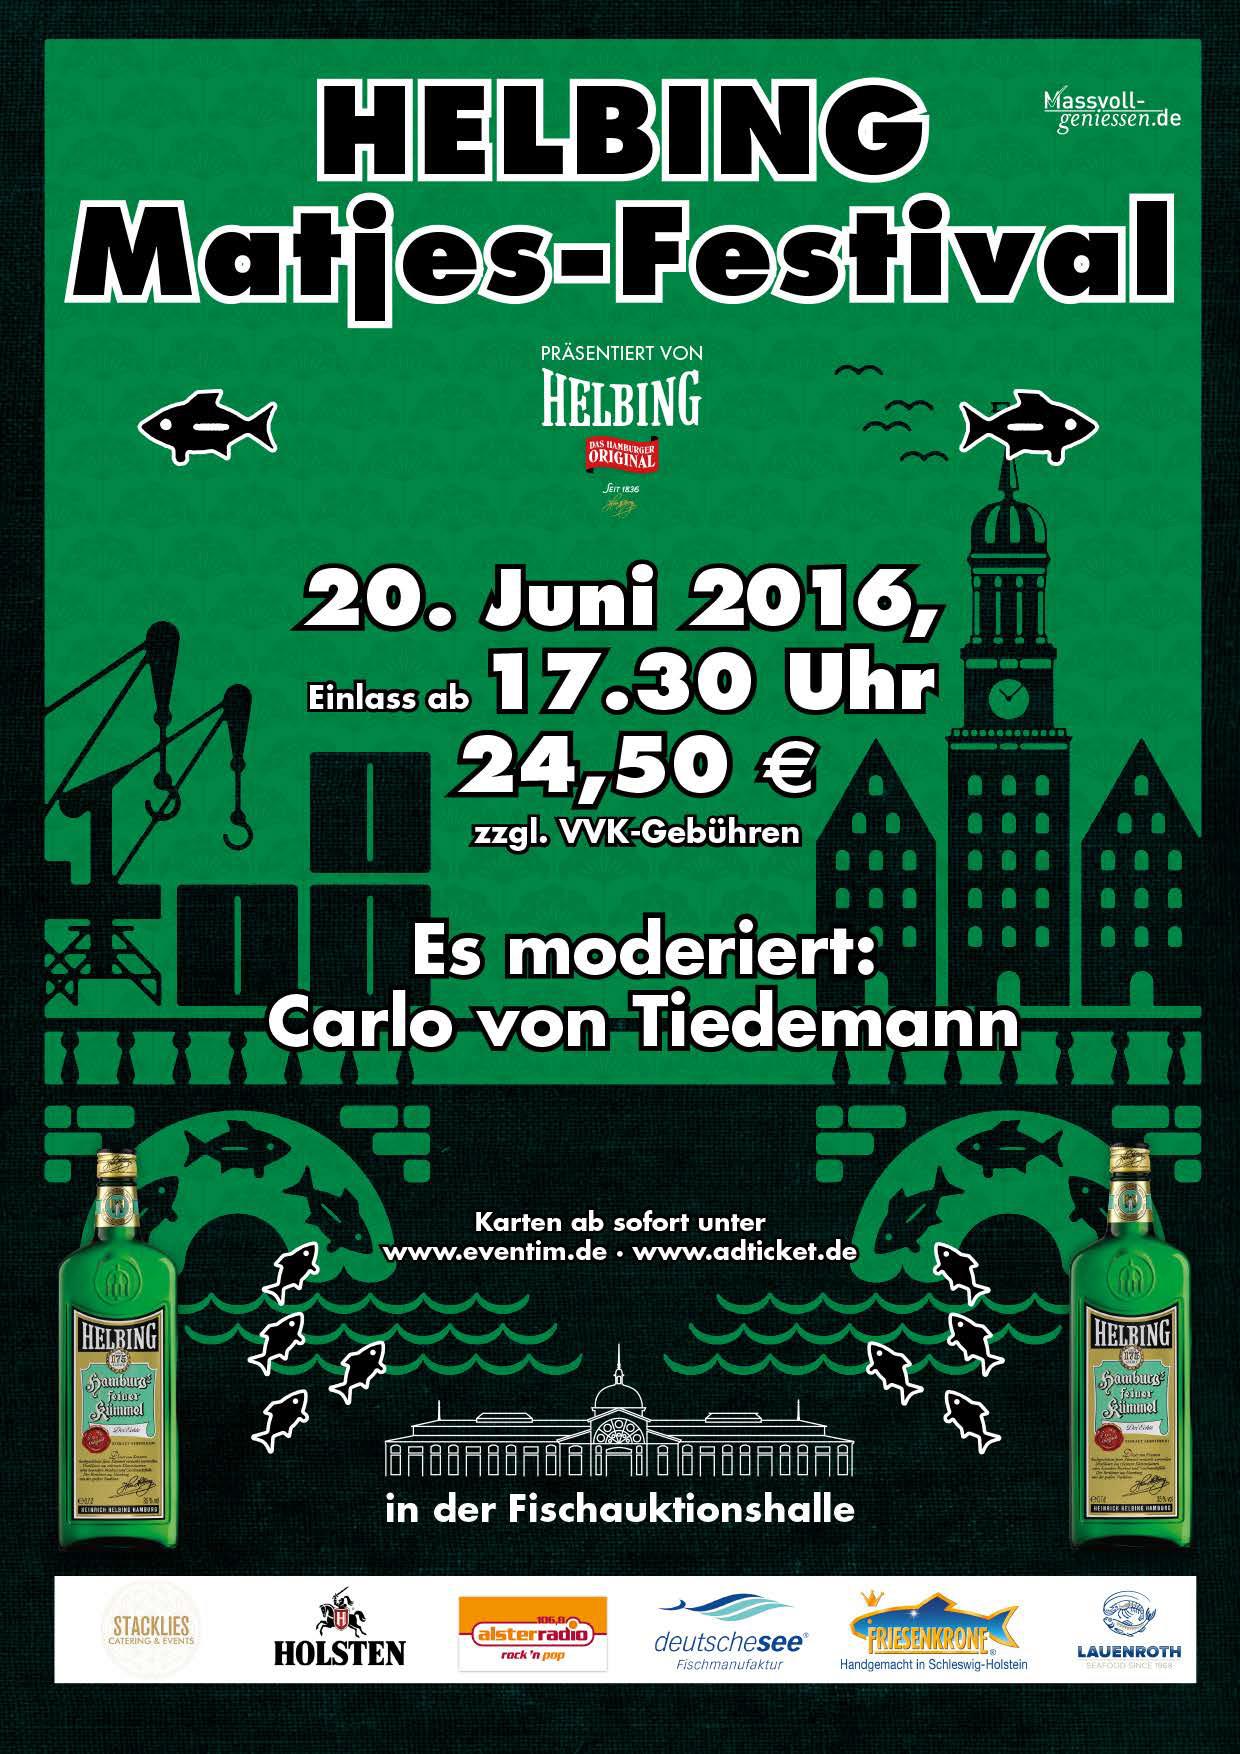 Sommer, Elbe und frischer Matjes – 9. Helbing-Matjes-Festival in Hamburg